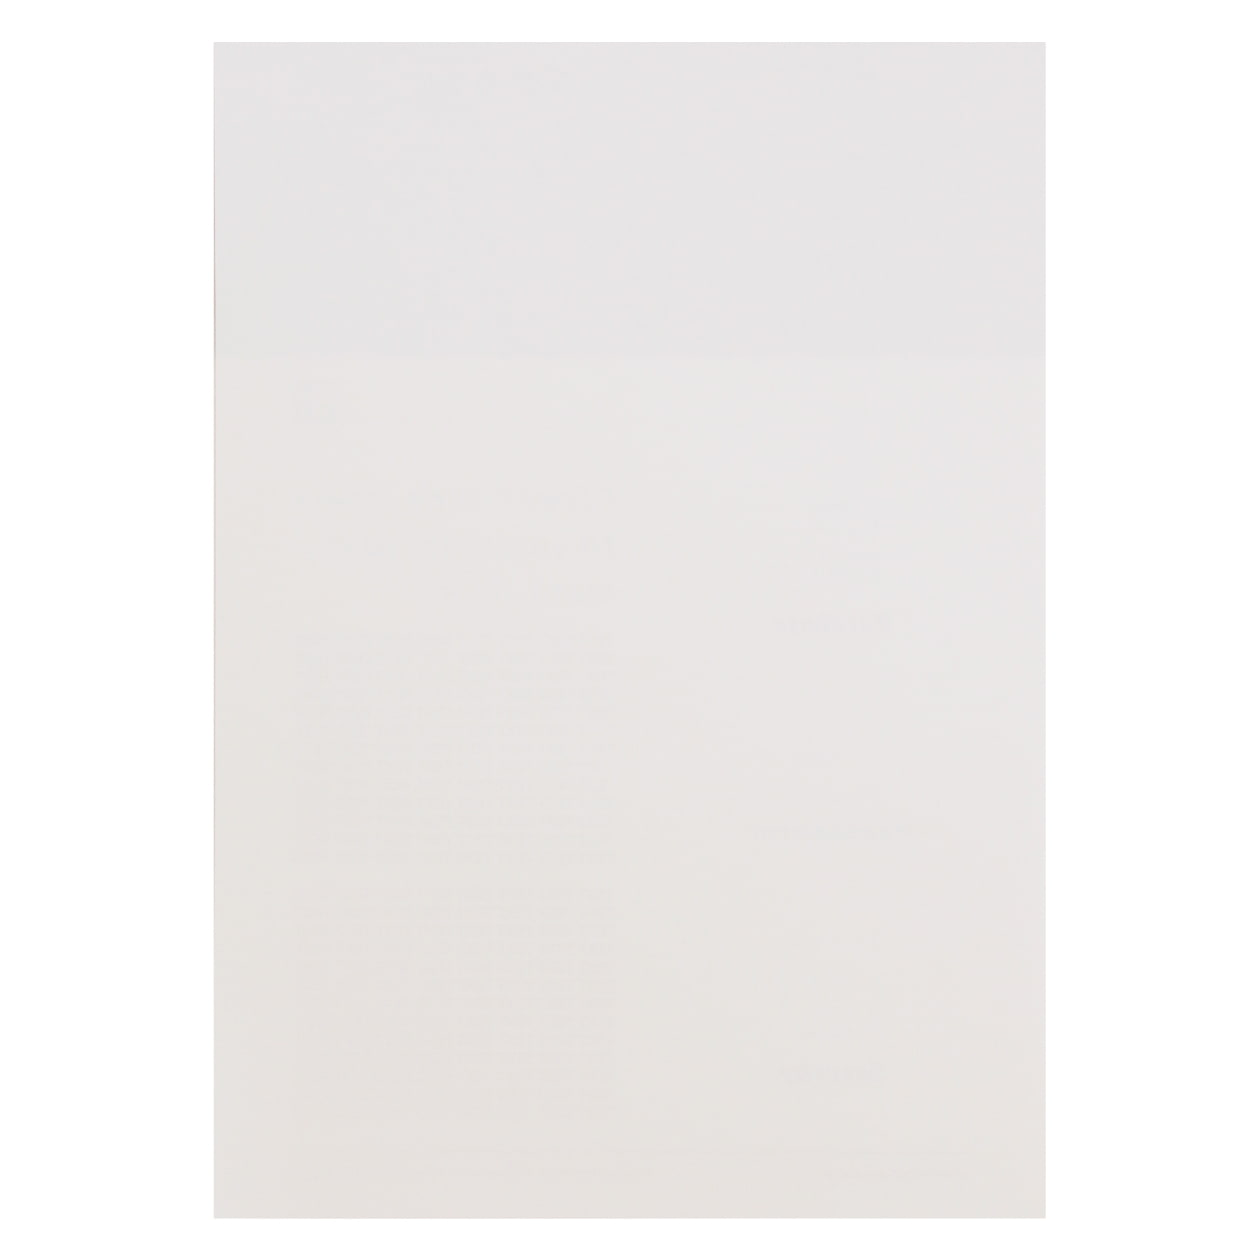 サンプル カード・シート 00179